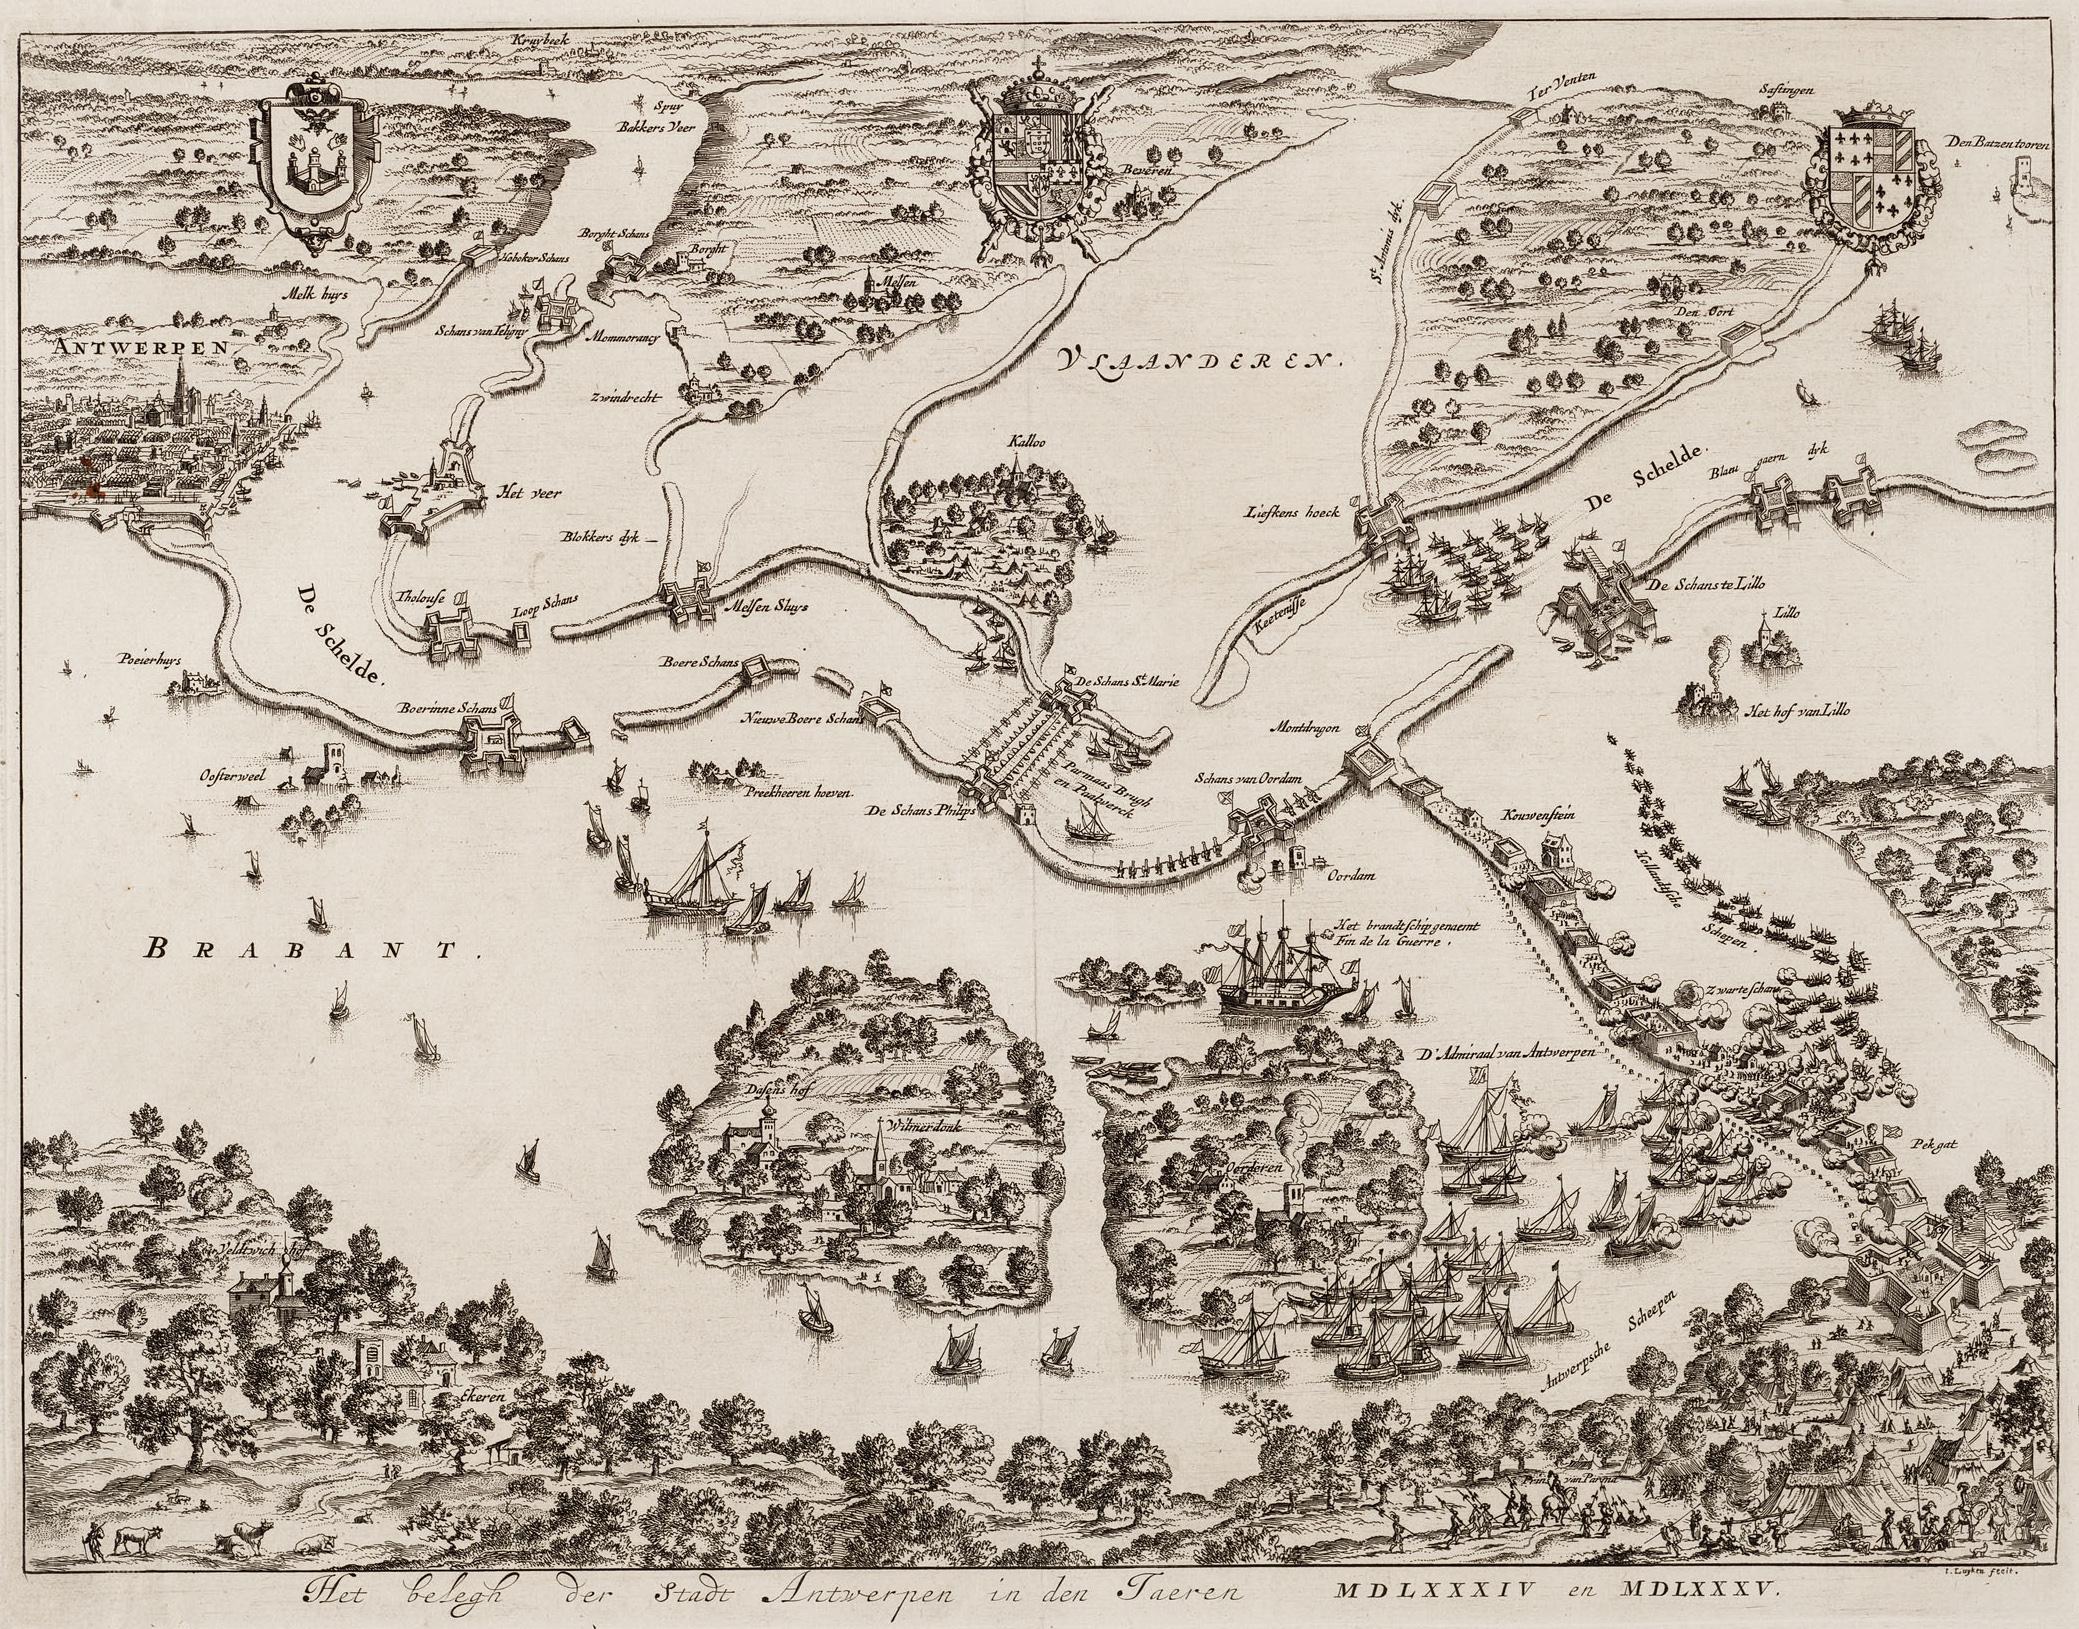 File:Siege of Antwerp 1584-1585 - Het belegh der stadt Antwerpen in den